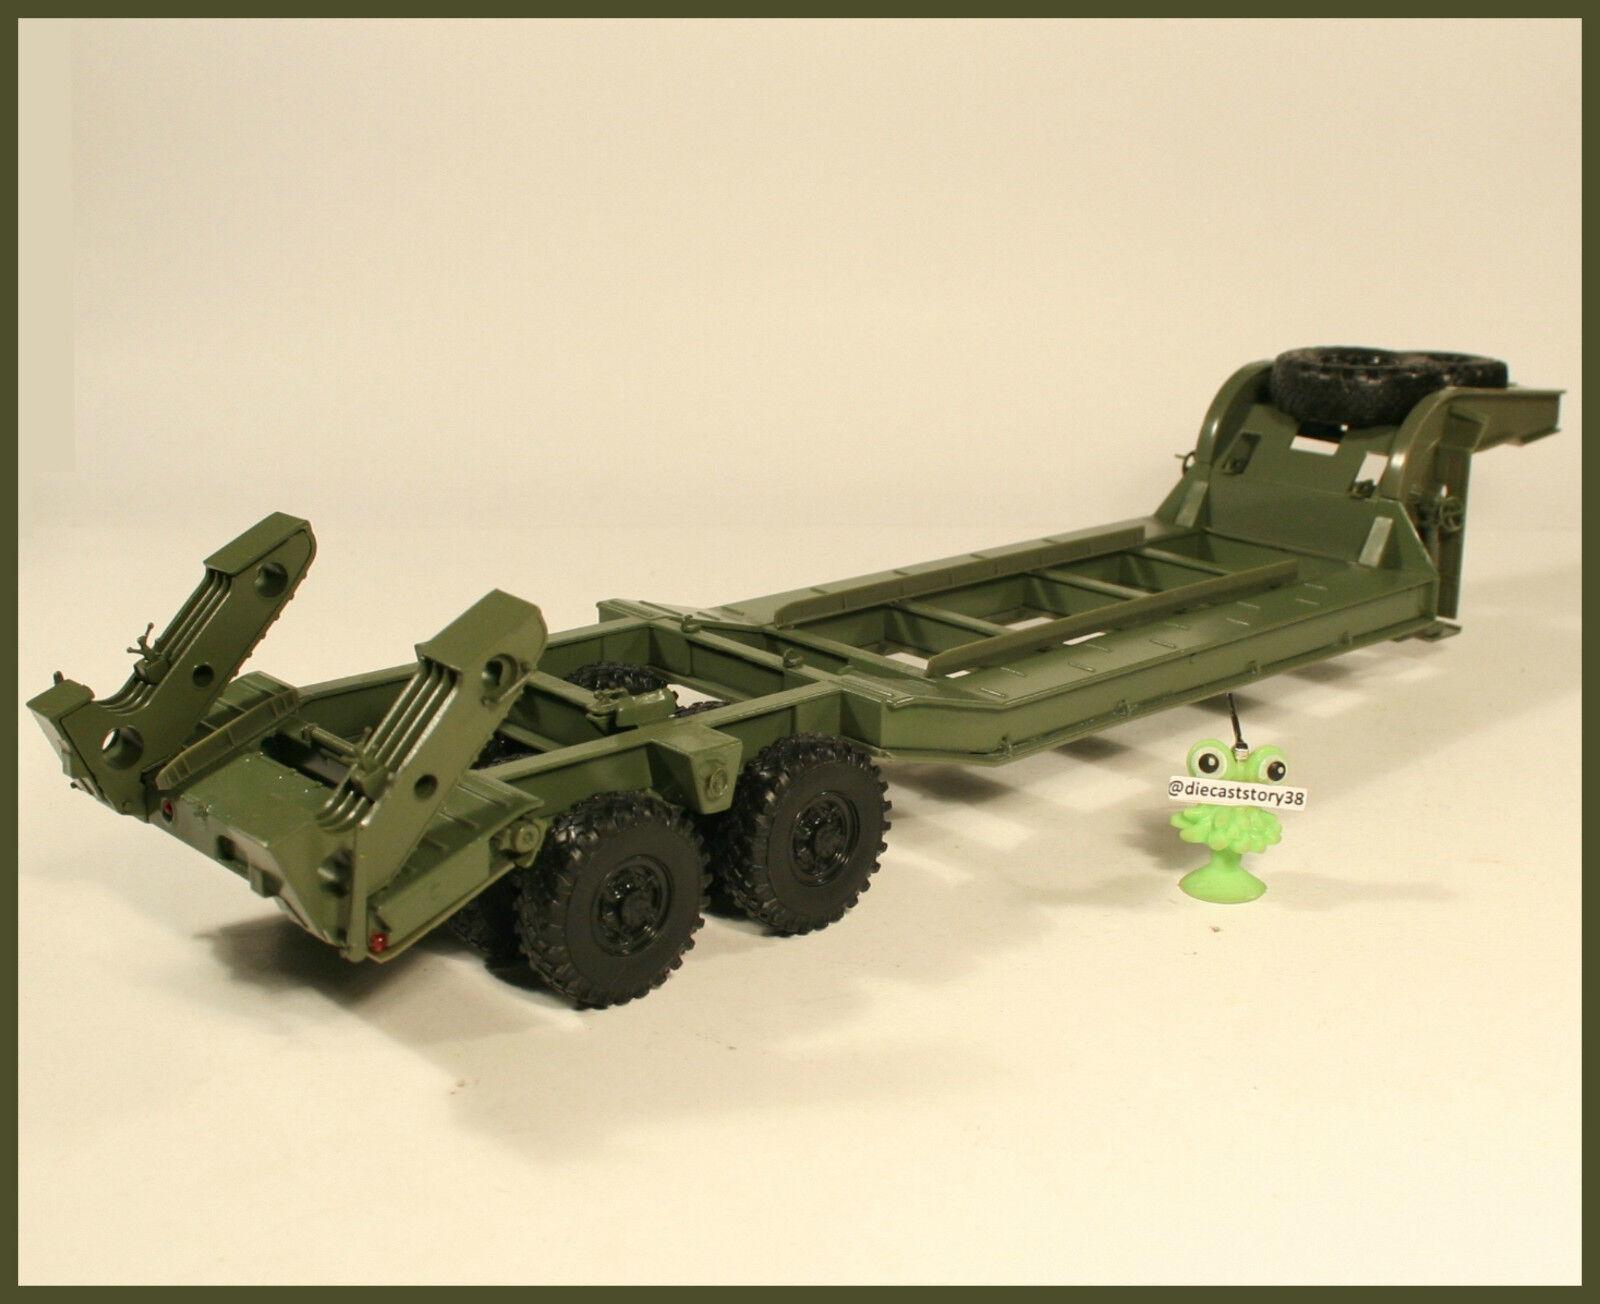 1 43 Tanks Militaire SEMITRAILER chmZAP 5247 G Russian  USSR fūr MAZ Kraz KAMAZ  vente d'usine en ligne discount